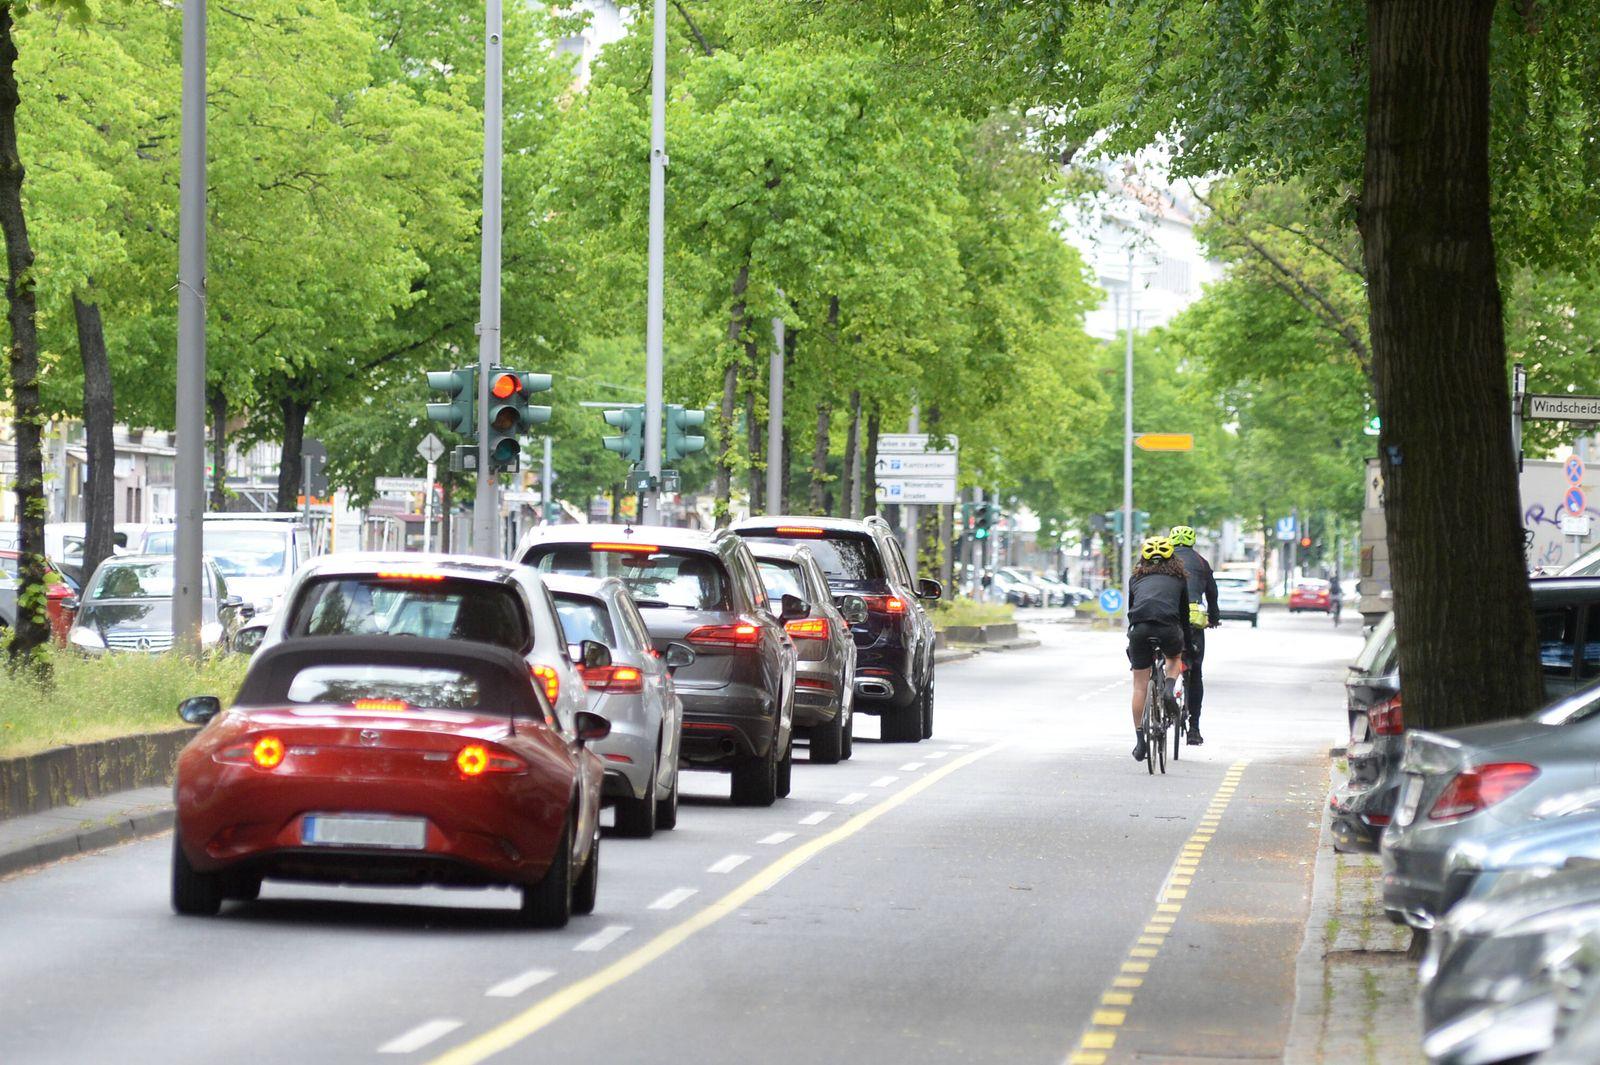 Berlin, Charlottenburg- auf 3,6 km entsteht auf der Kantstr.der bislang l?ngste Pop-Up-Radweg zum Schutz der Radfahrer